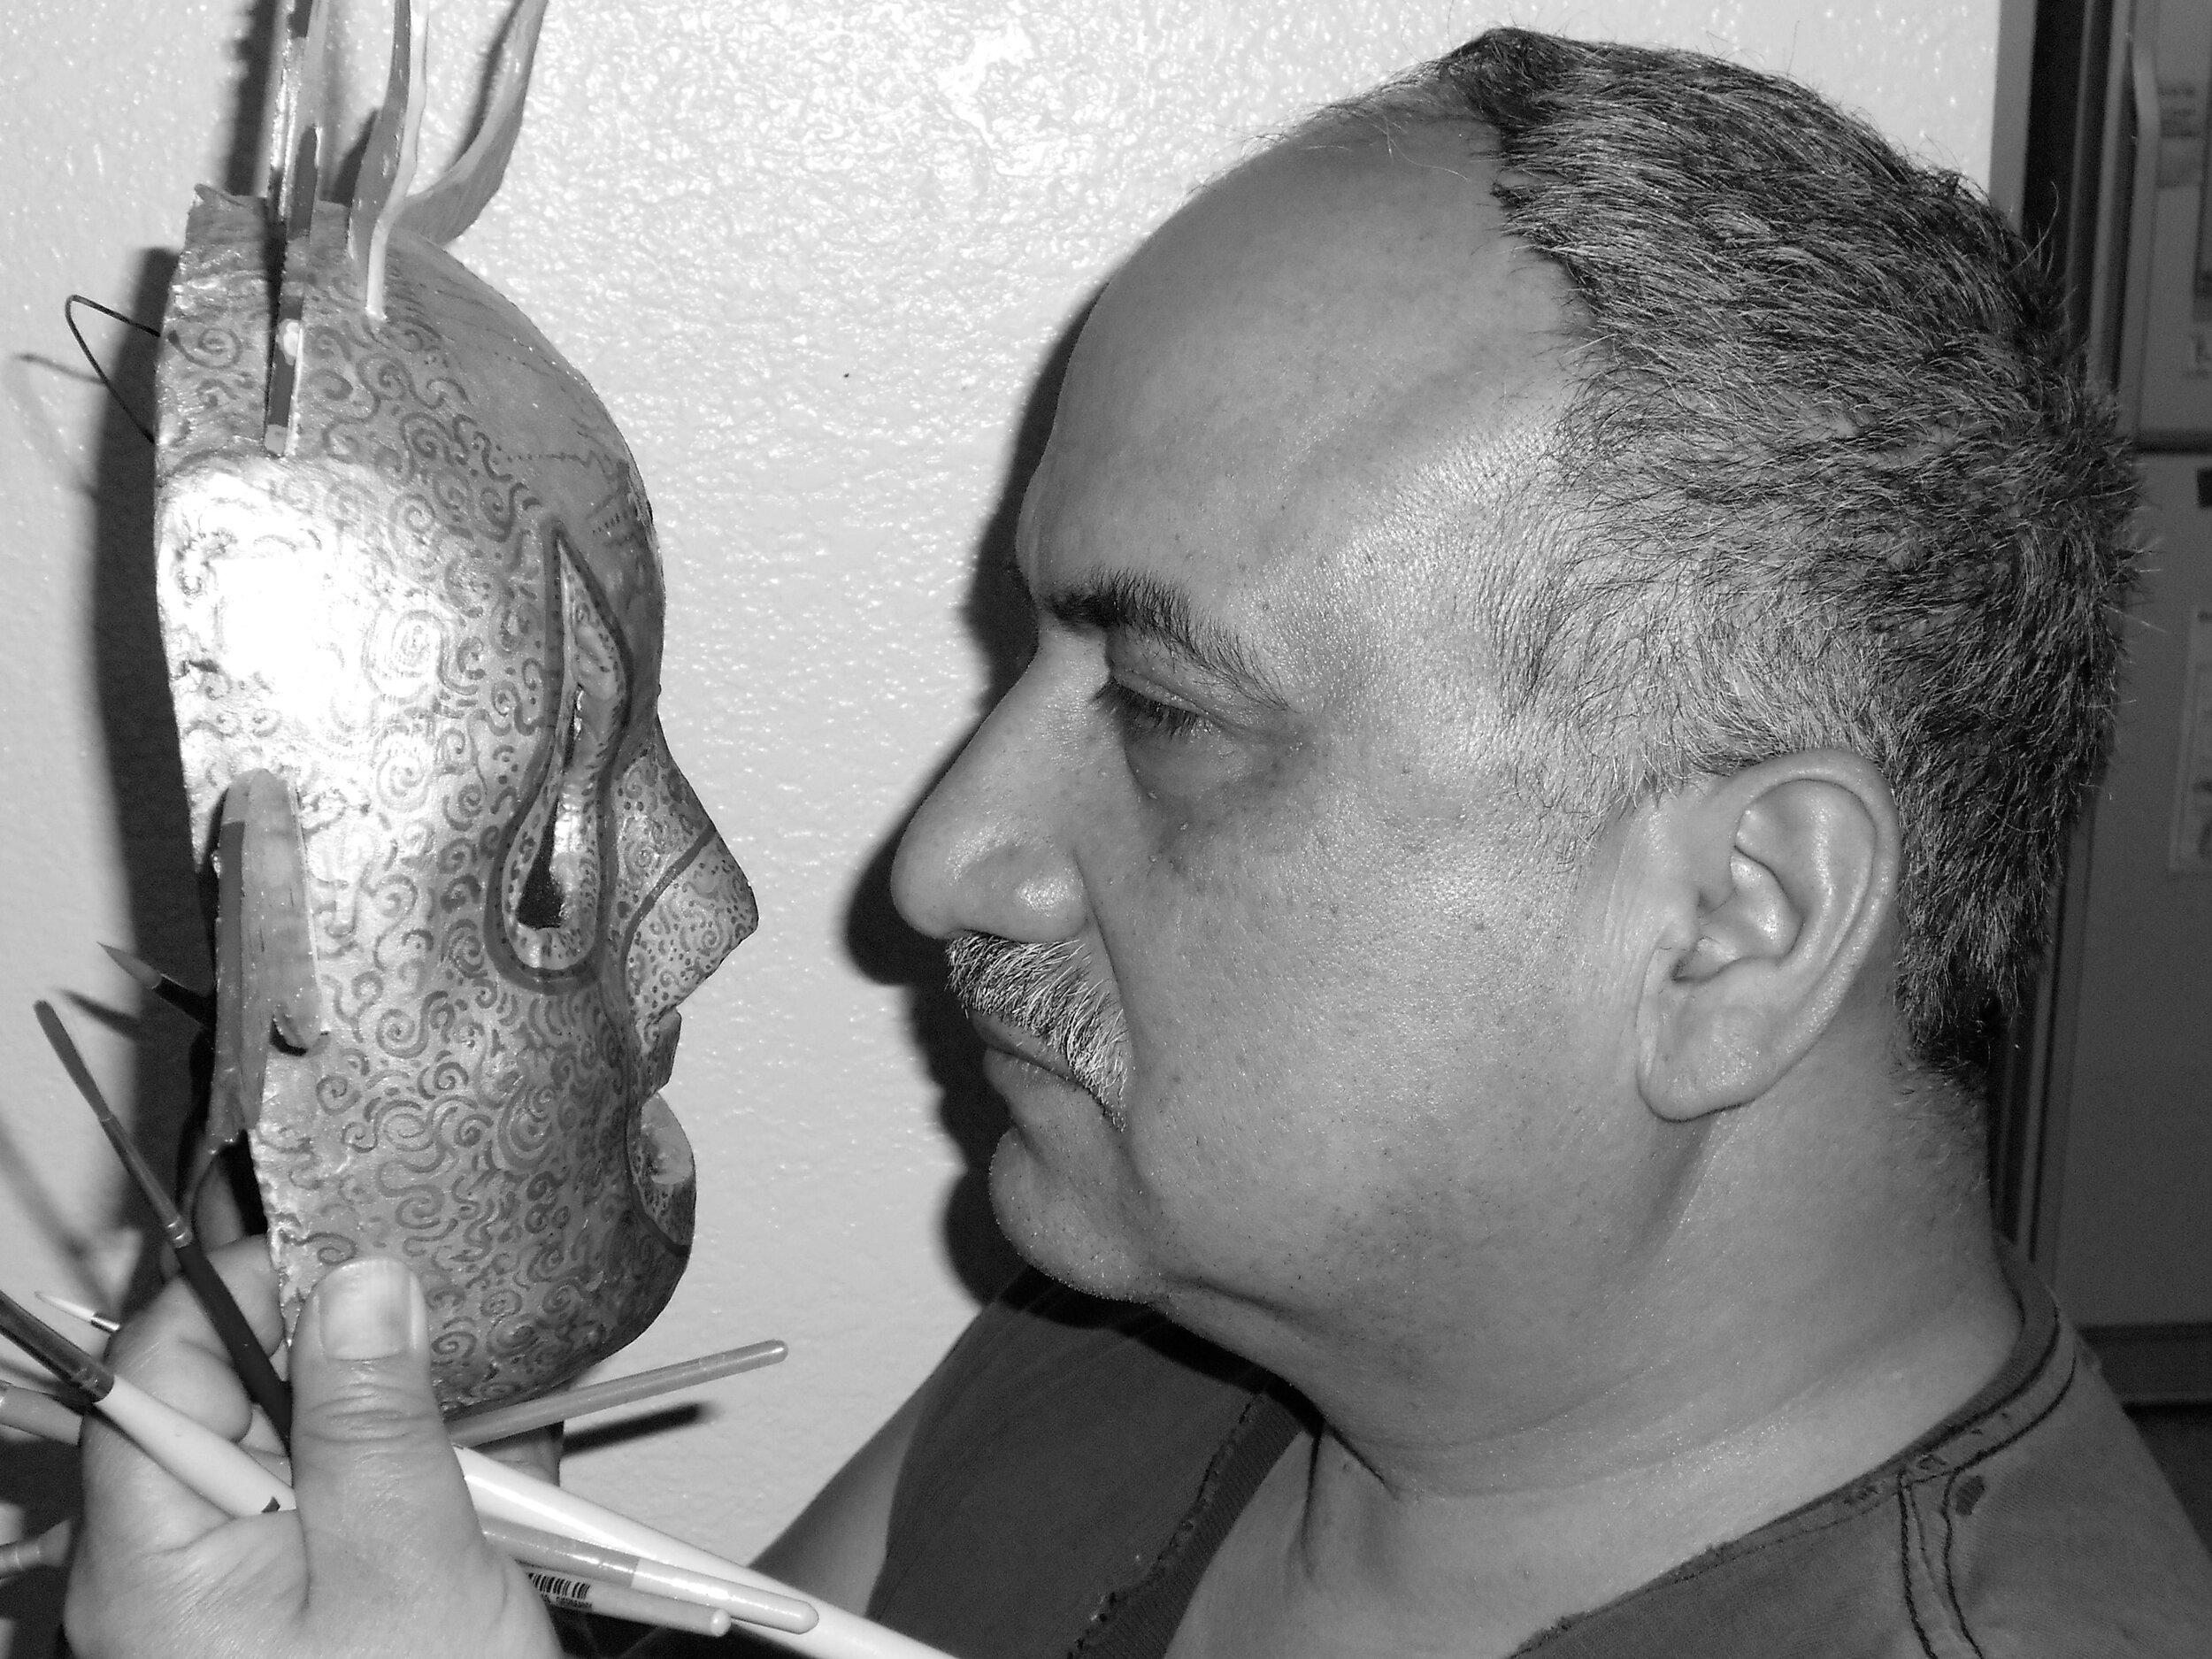 Diego Marcial Rios